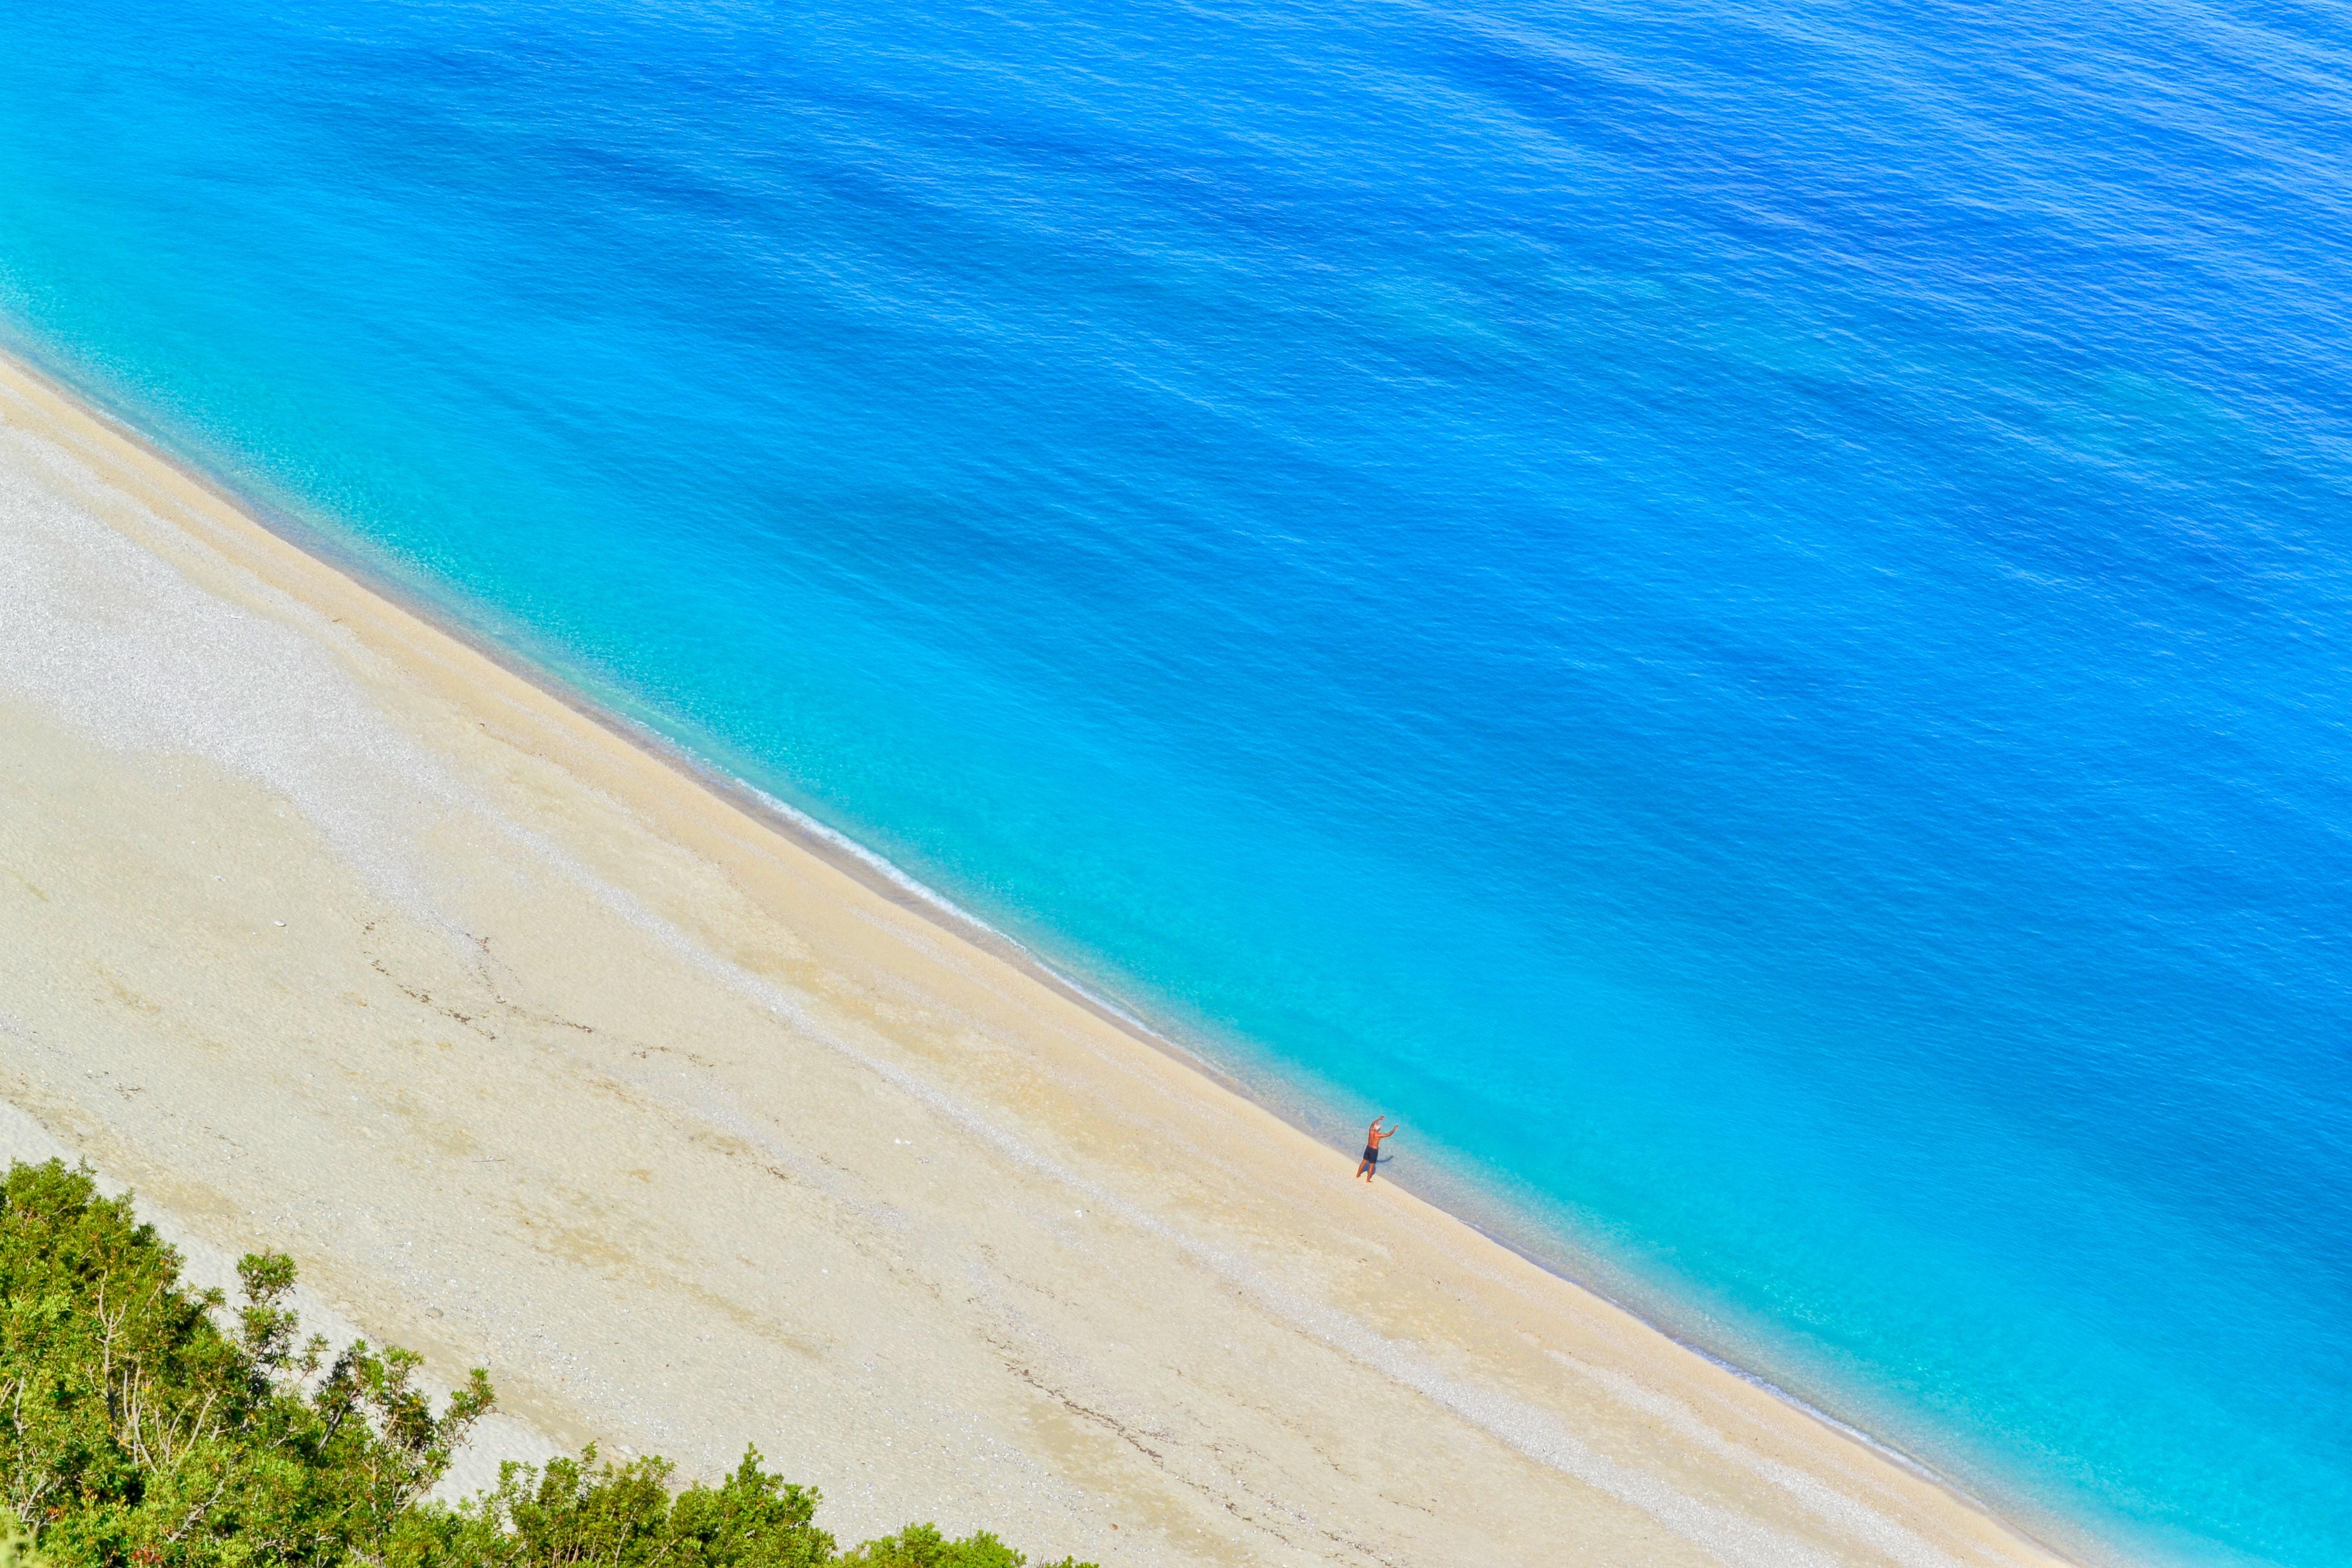 Ocean near sand photo